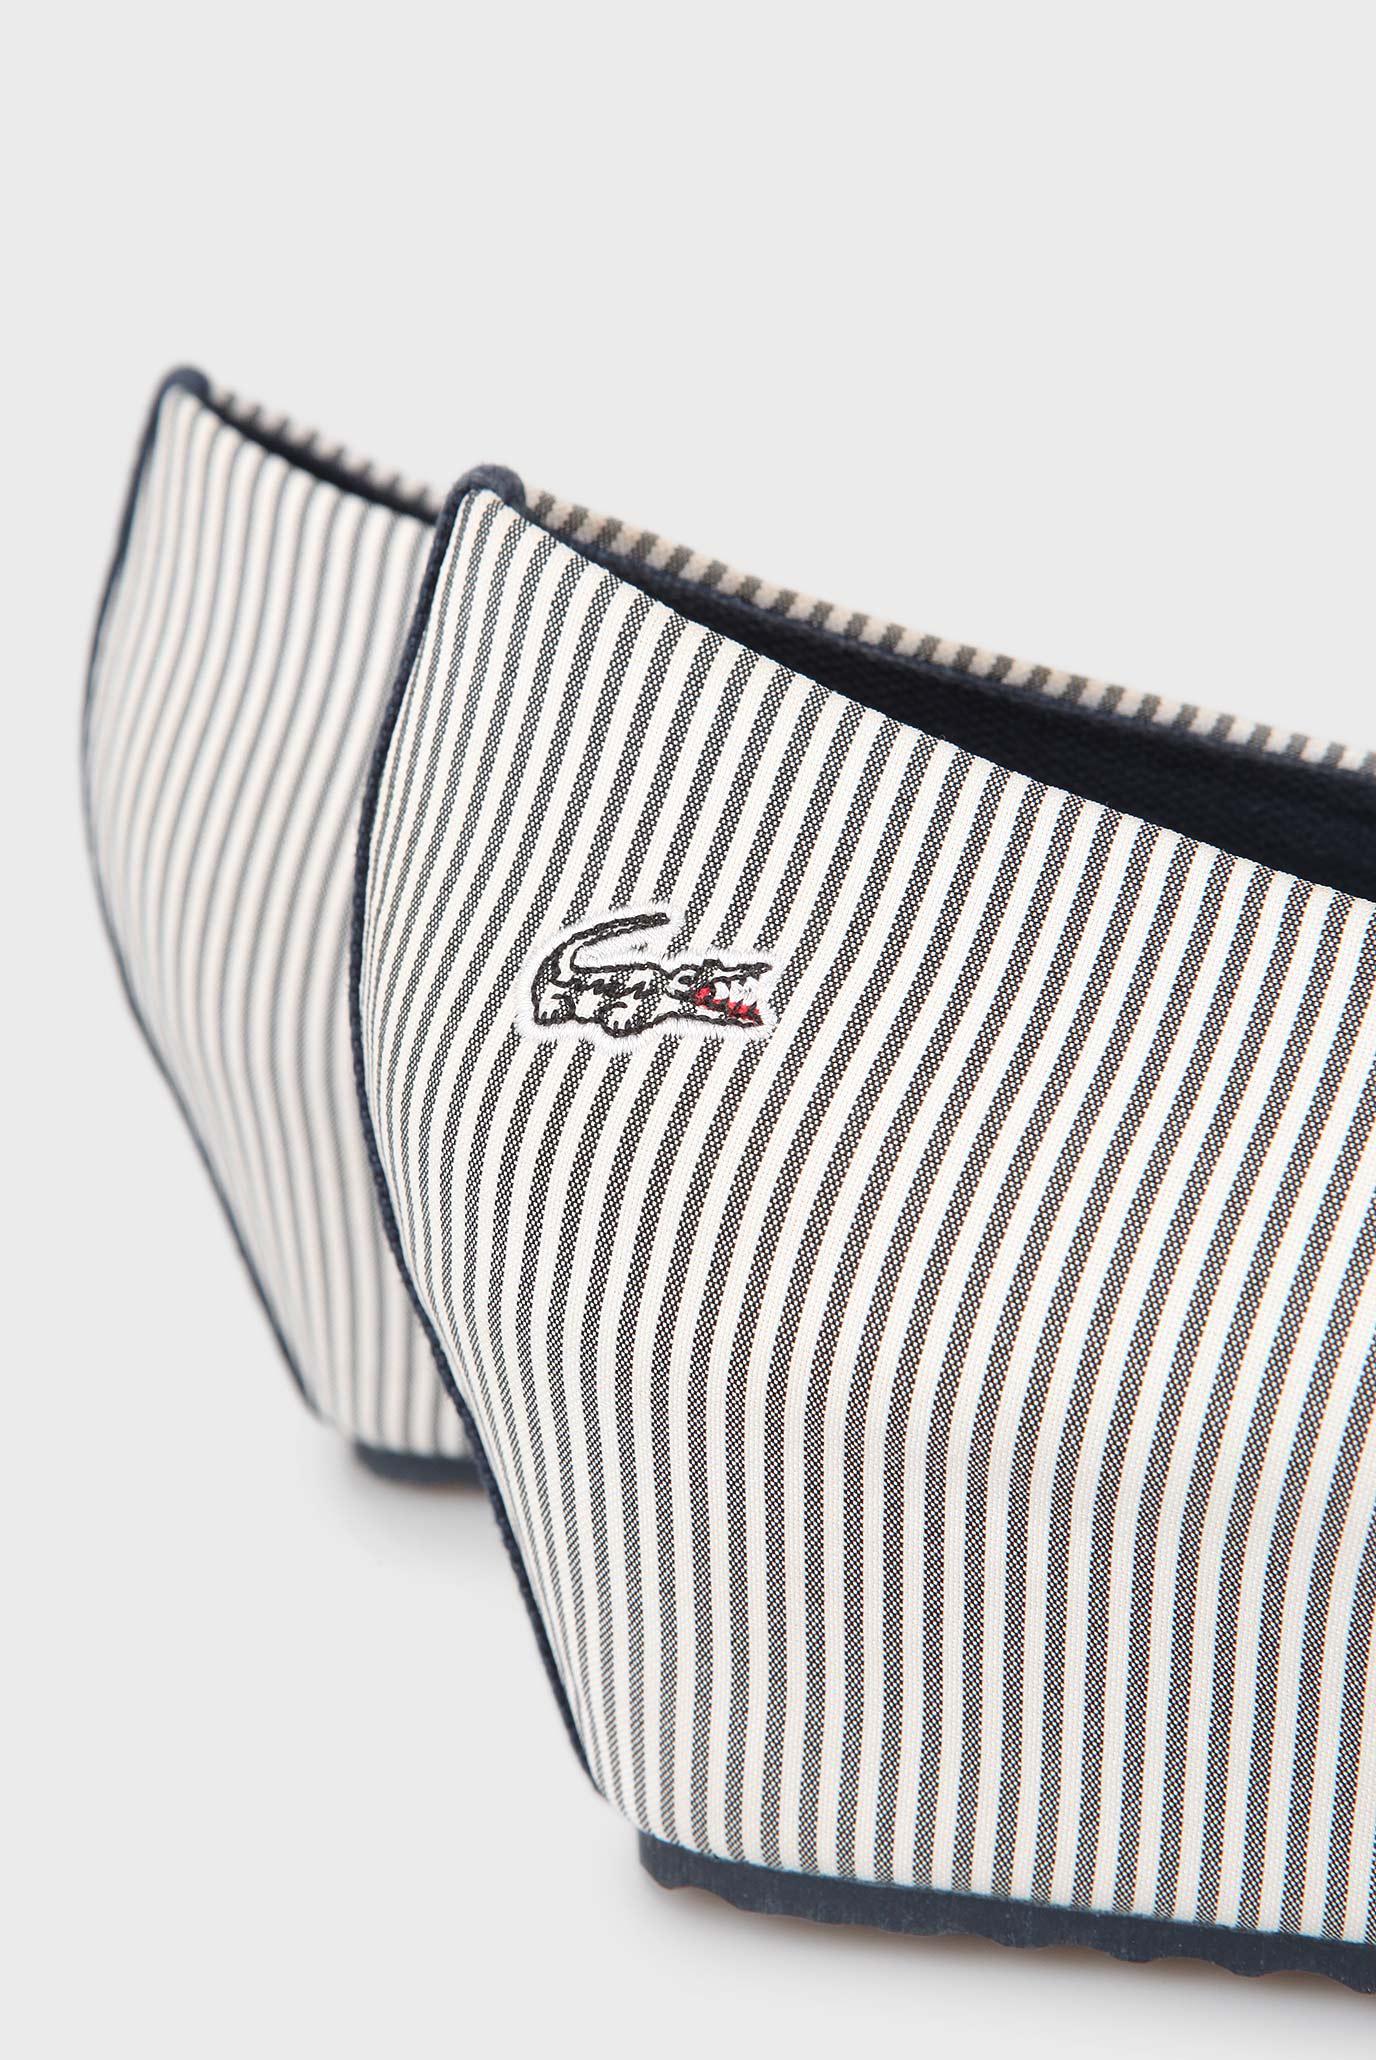 fe297d65c Купить Женские белые туфли в полоску Lacoste Lacoste SRW1046 – Киев,  Украина. Цены в интернет магазине MD Fashion